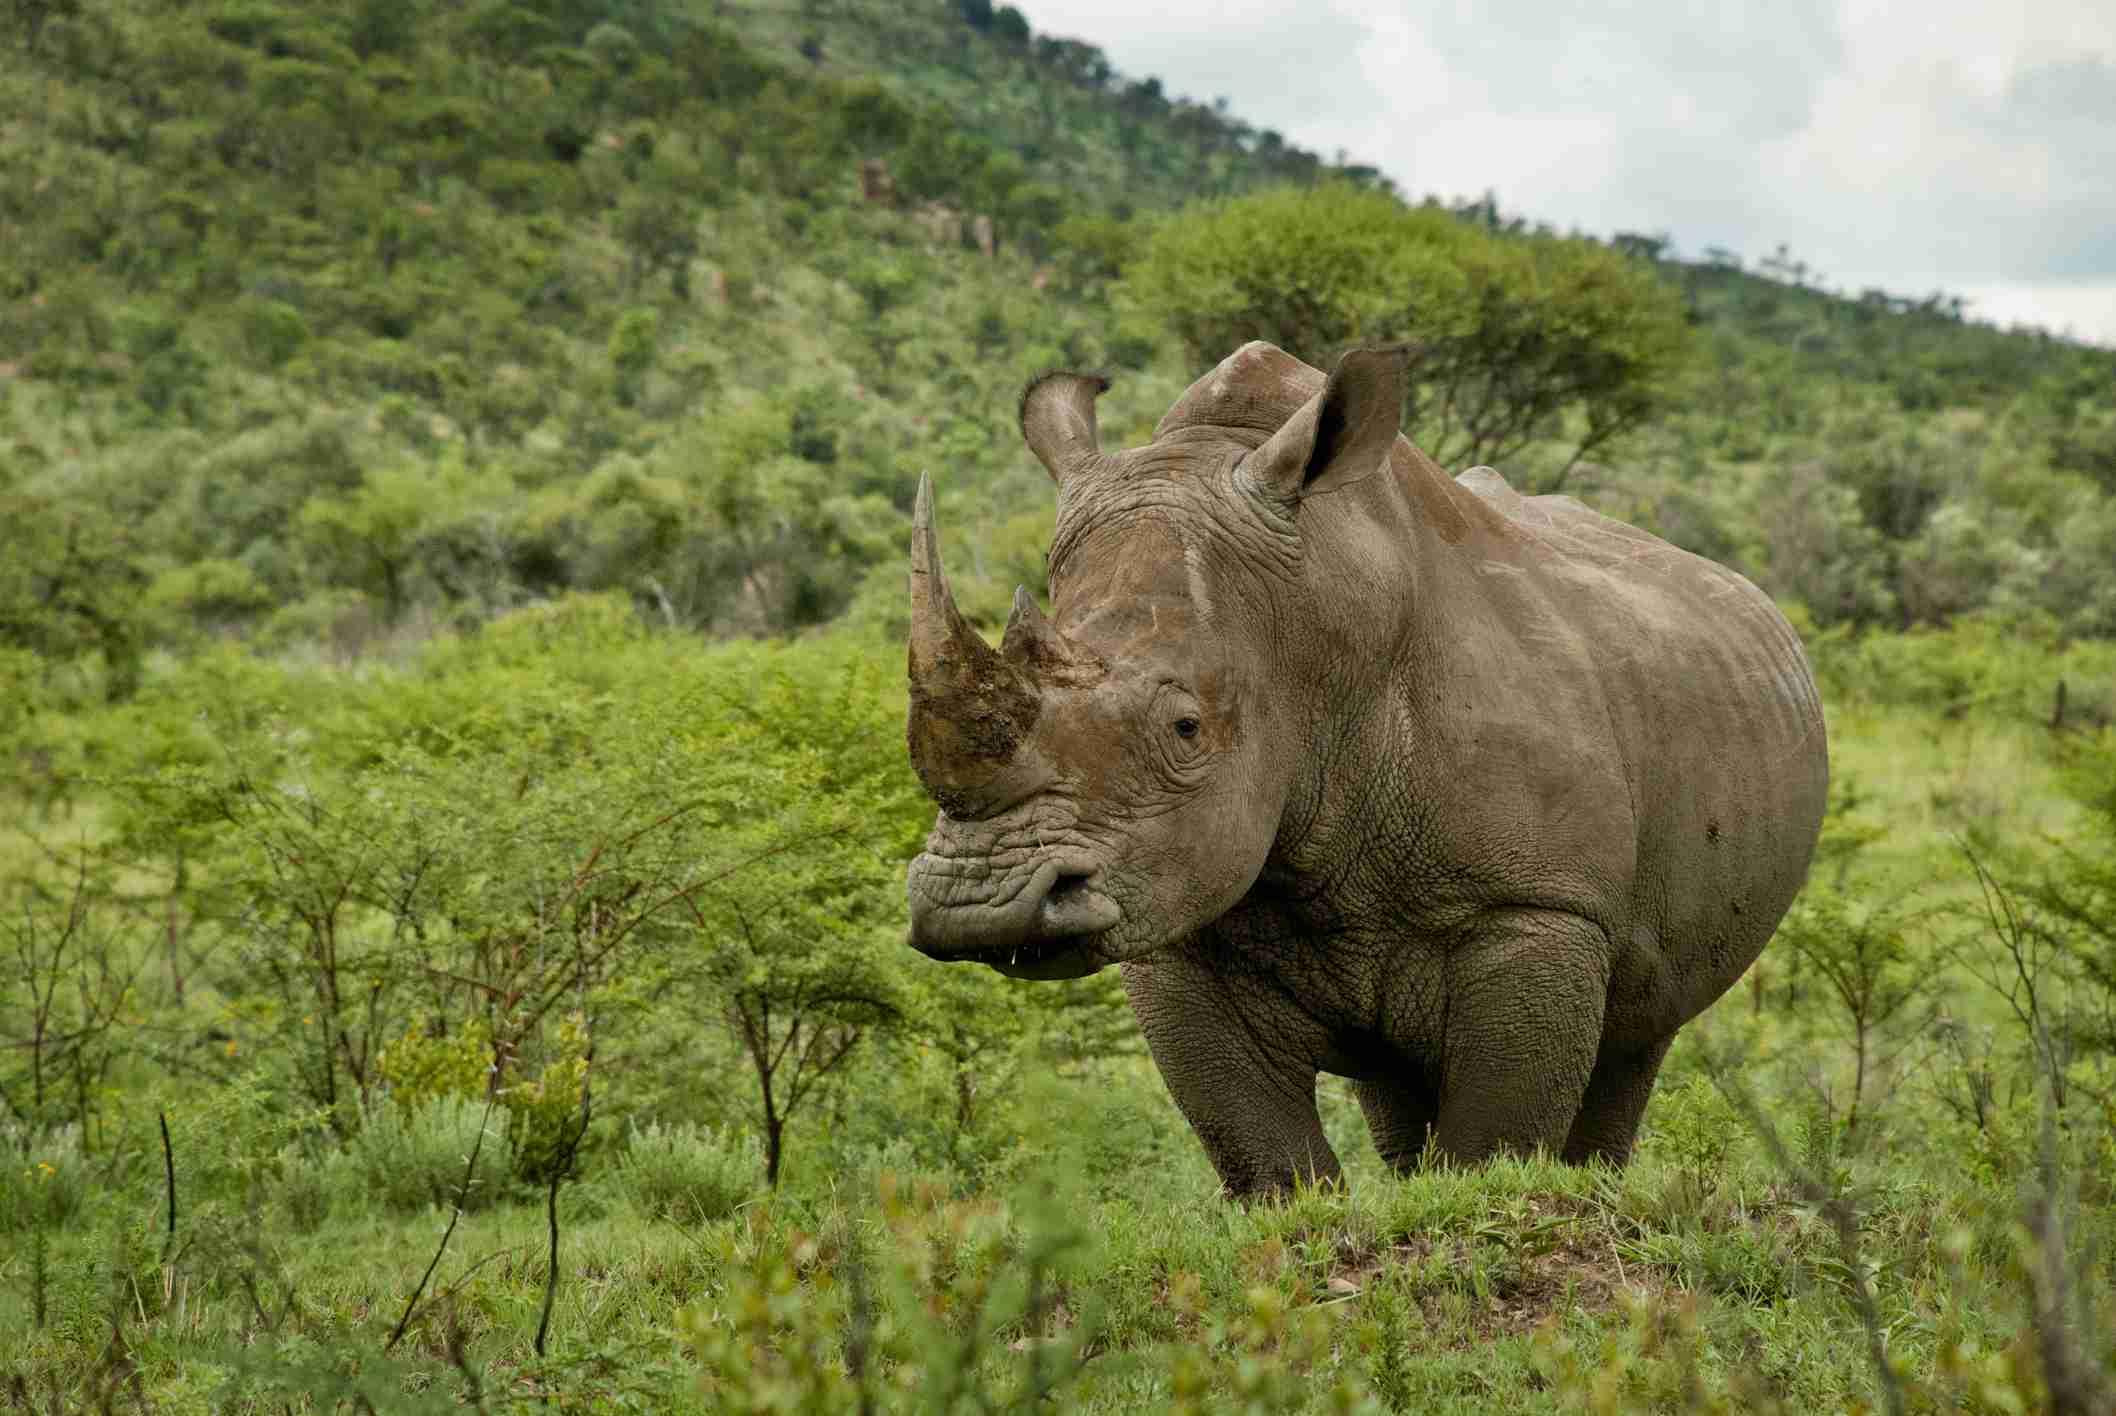 Rinoceronte blanco en el Parque Nacional Pilanesberg, Sudáfrica